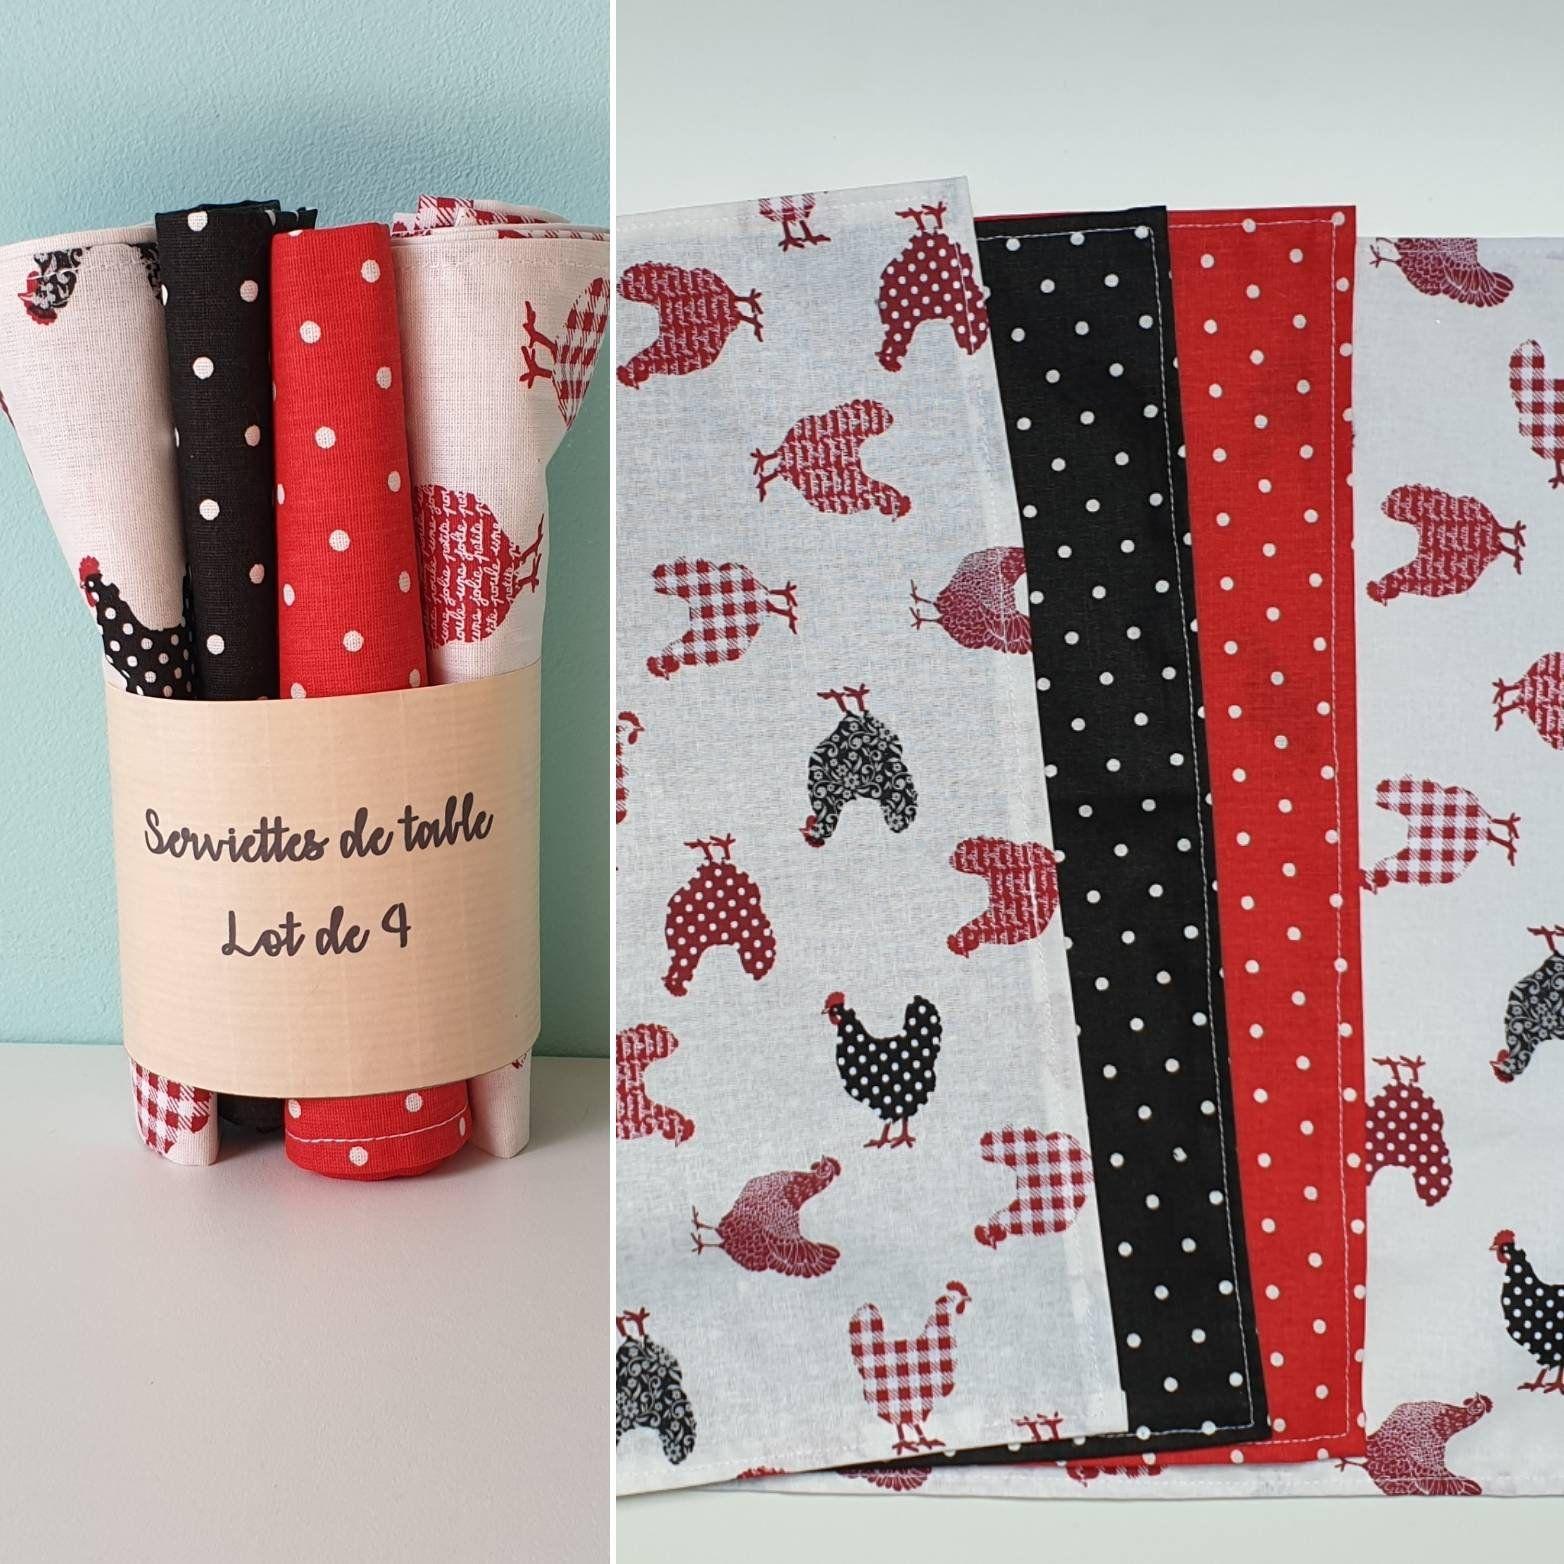 Serviettes De Table En Coton Lavable Poule Rouge Et Noir A Pois Lot De 4 Serviettes Zero Dechet Gifts Gift Wrapping Wrap